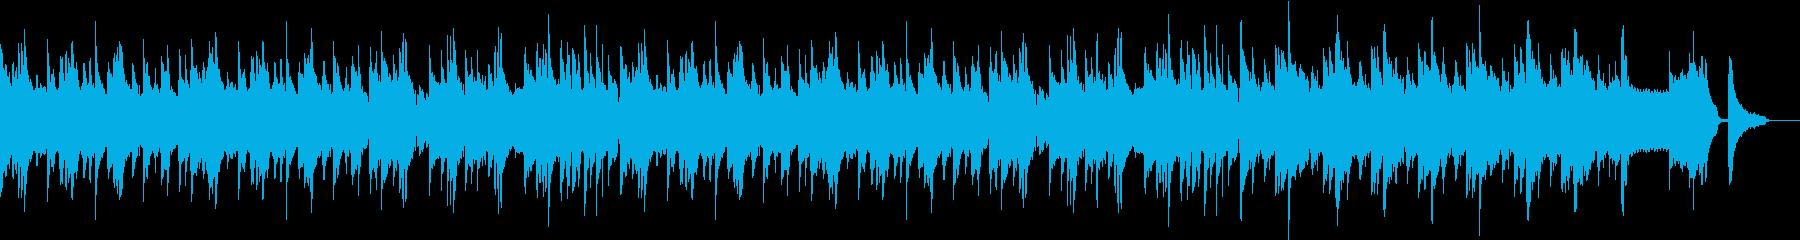 ゆっくりしたフルートのバラードの再生済みの波形